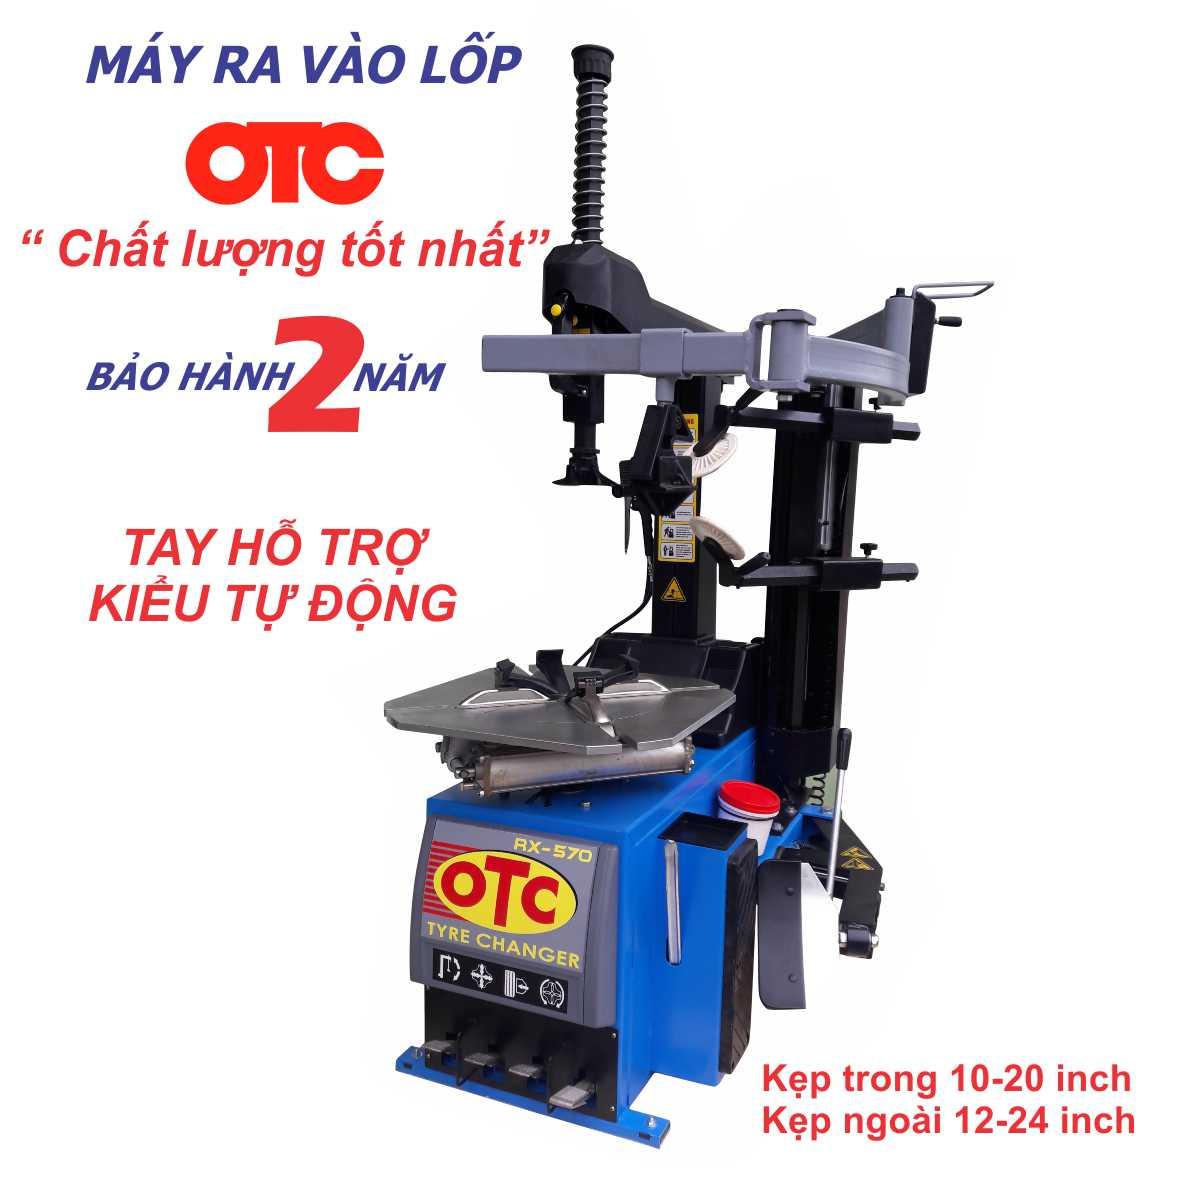 máy ra vào lốp tự động OTC, máy ra vào lốp Đài Loan, máy tháo vỏ Đài Loan